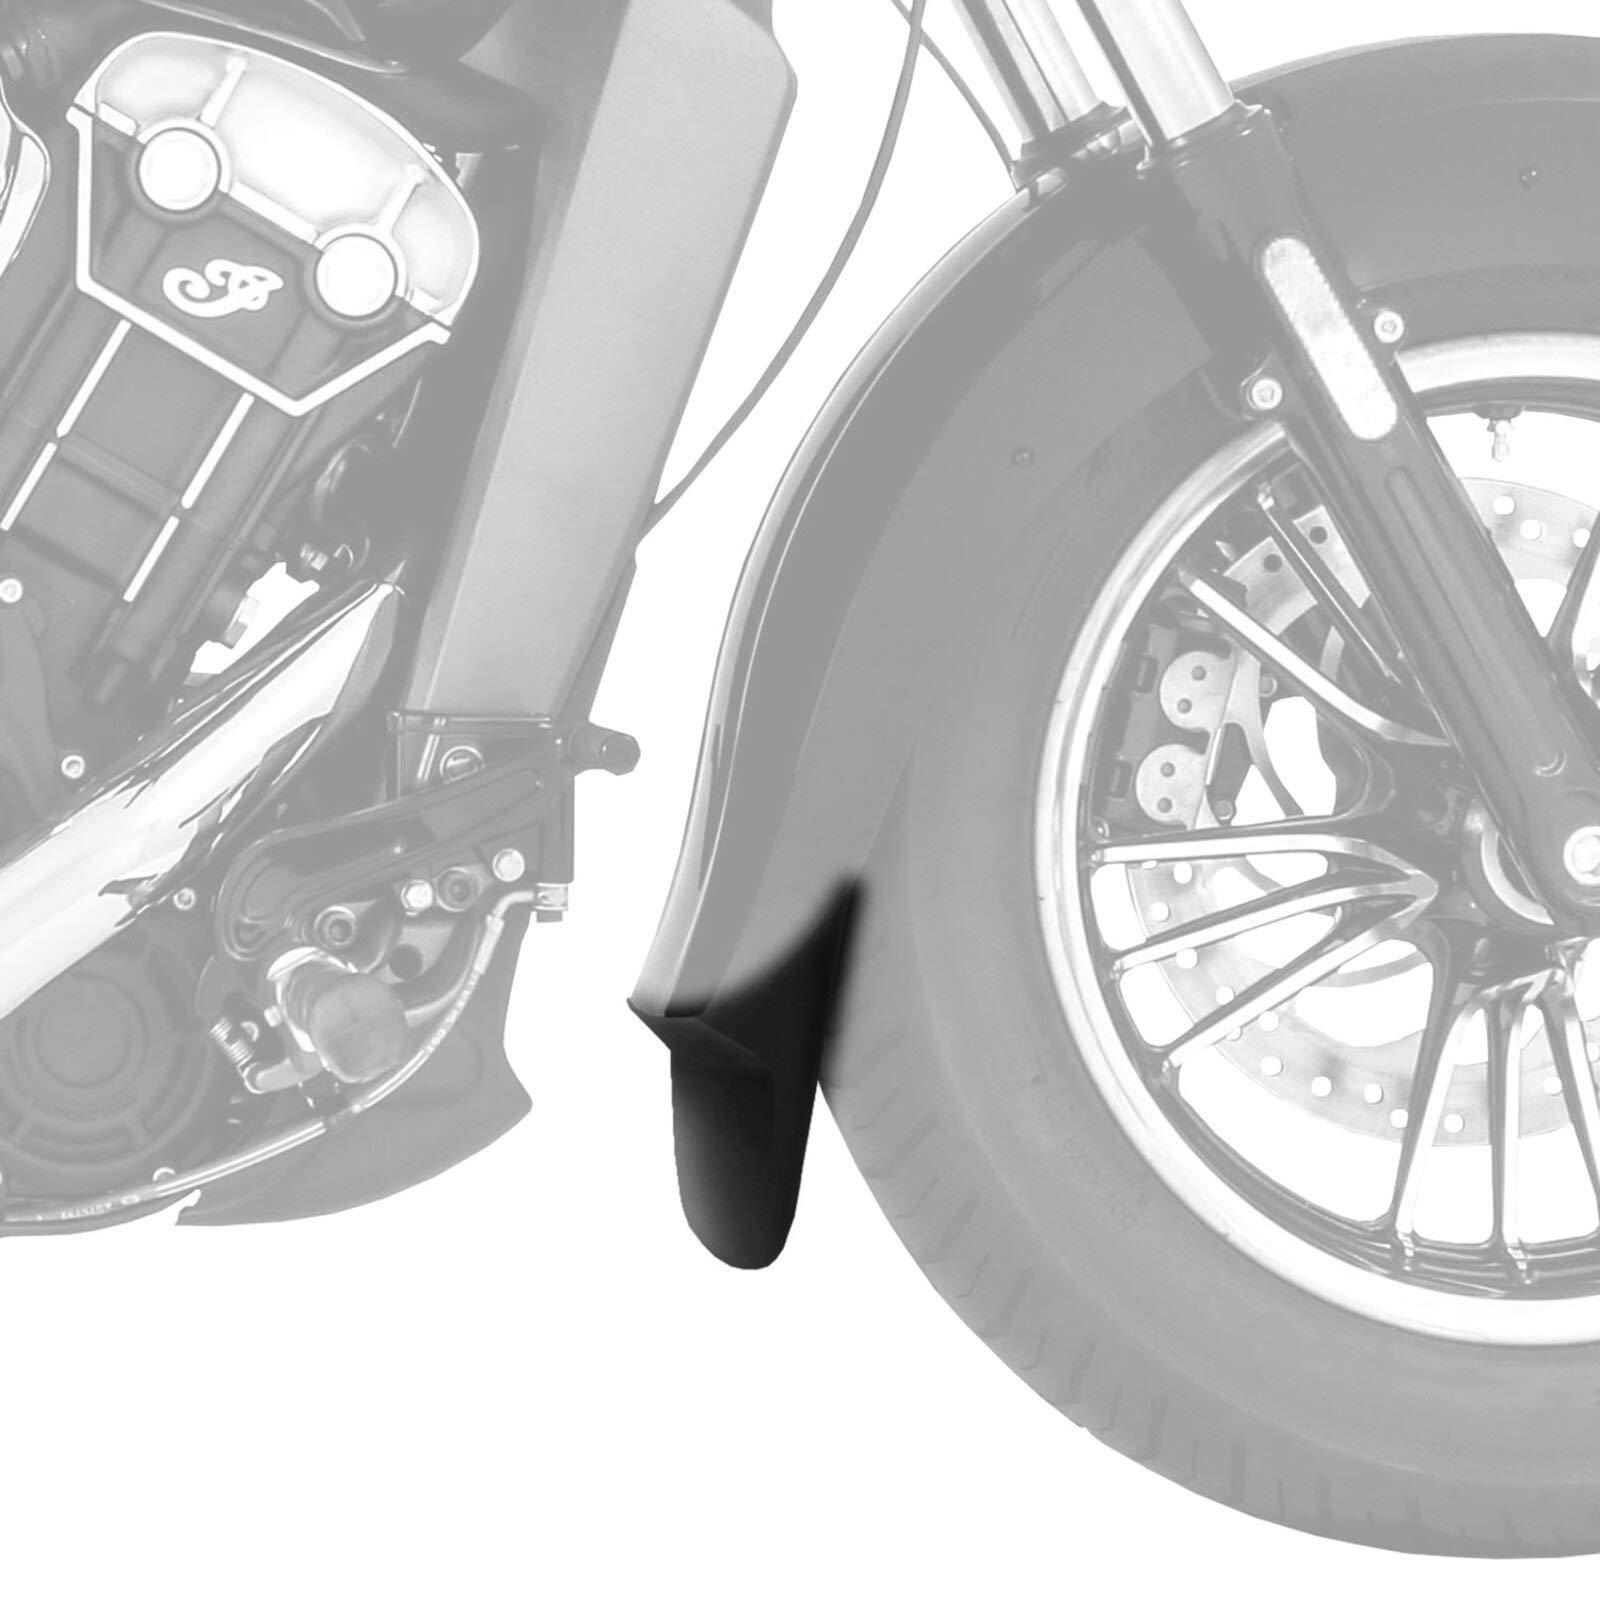 CBR250 CBR150 Honda CBR125 CBR300R Stick Fit Extenda Fenda SF-051025